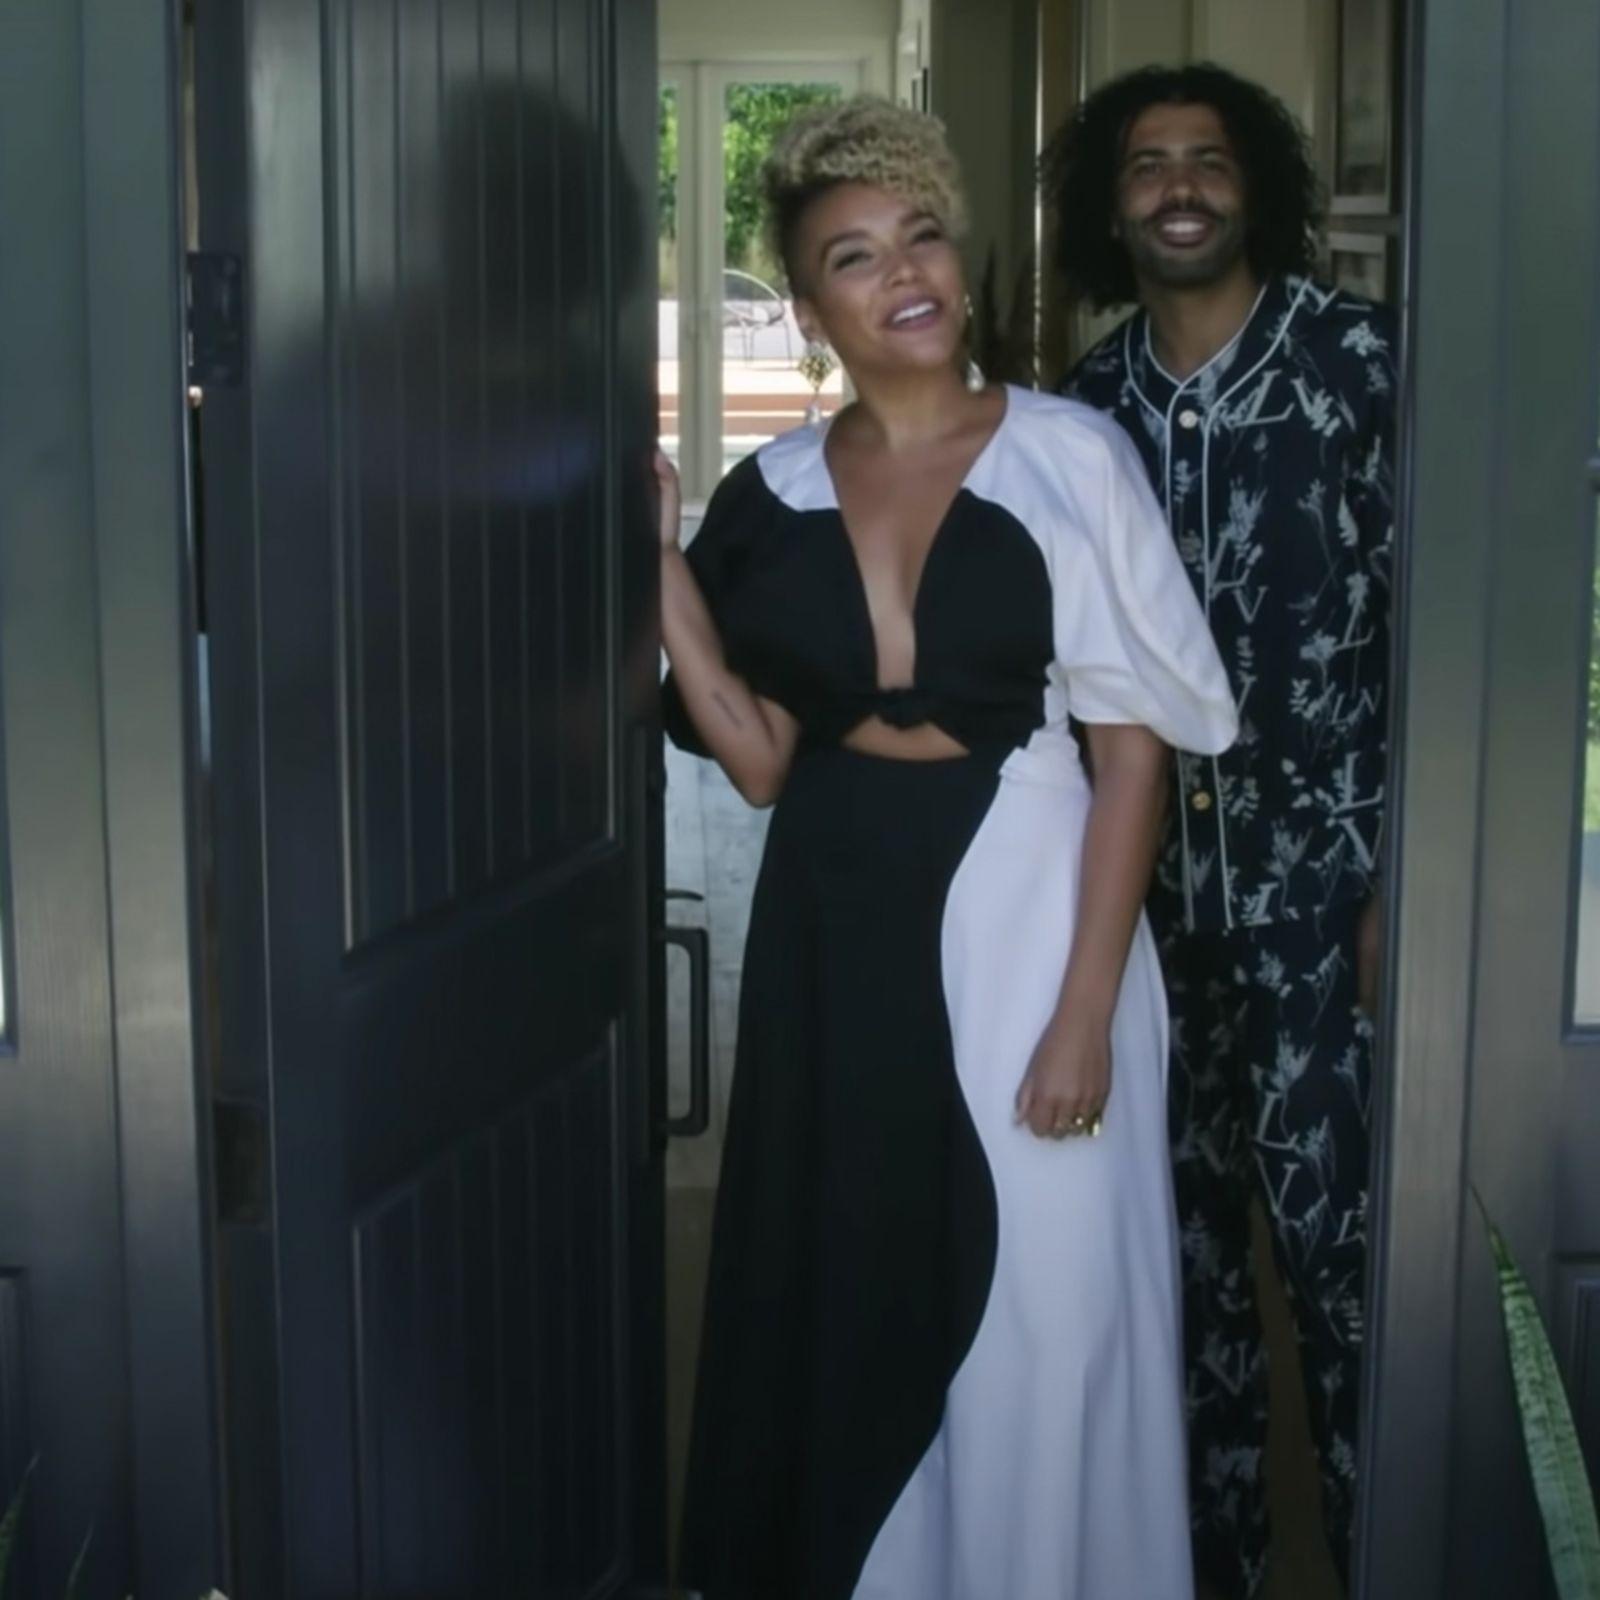 Entramos en la casa de los actores Daveed Diggs y Emmy Raver-Lampman